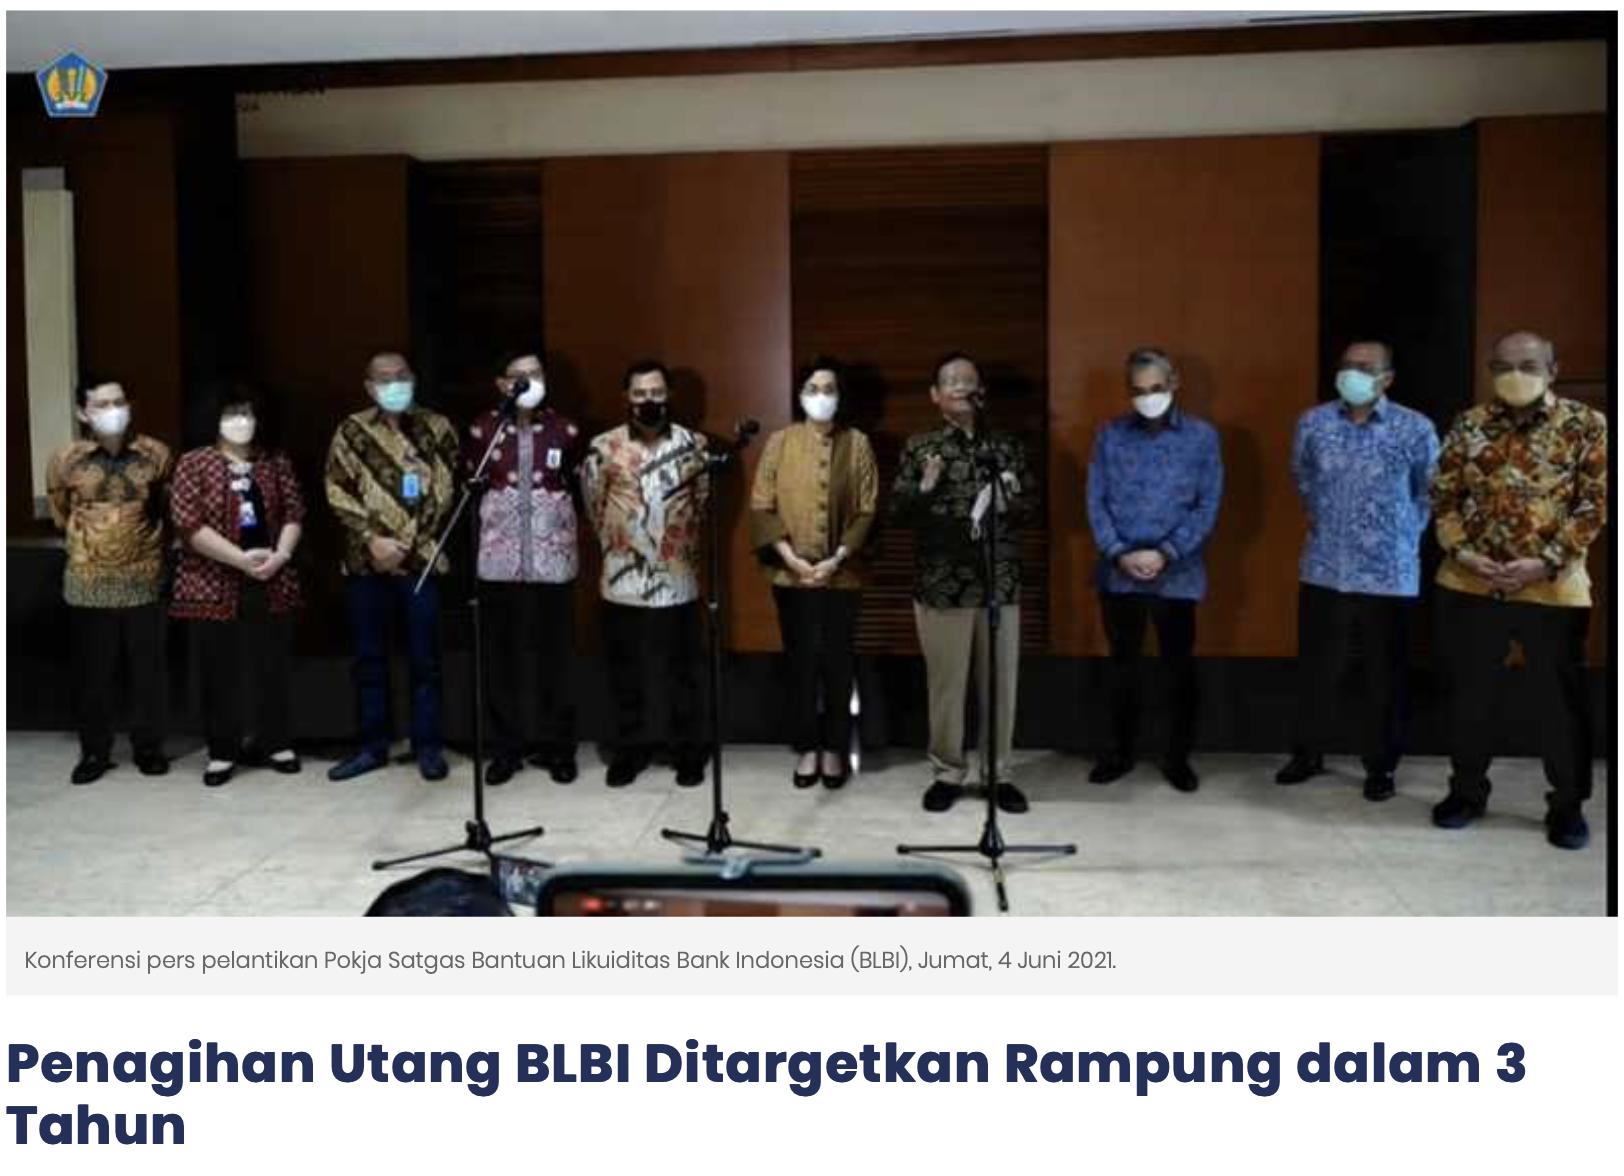 Penagihan Utang BLBI Ditargetkan Rampung dalam 3 Tahun